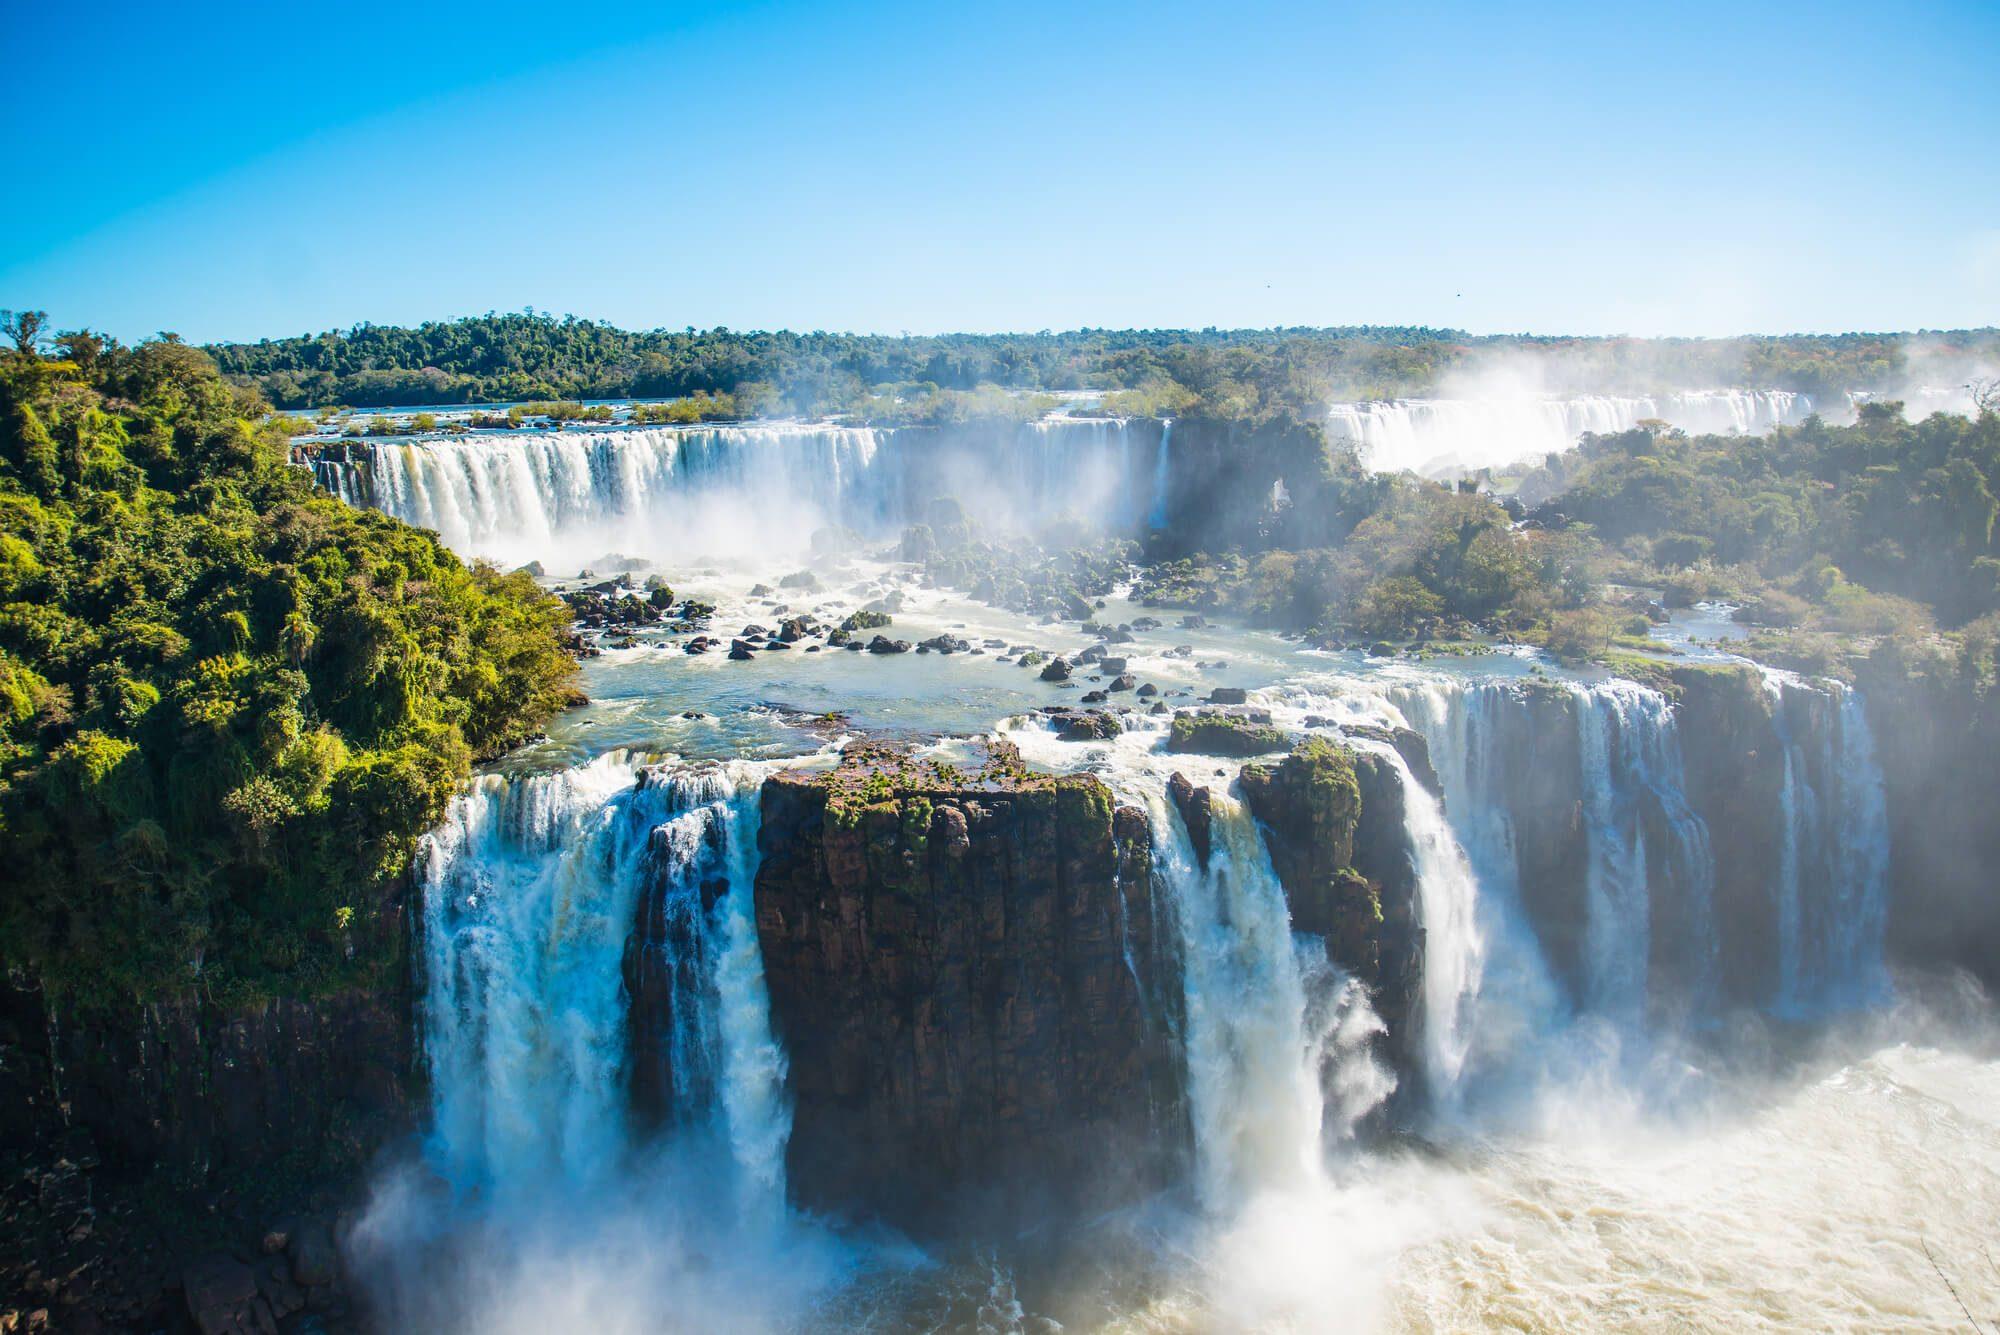 Viagem em baixa temporada: 5 lugares do Brasil para se conhecer